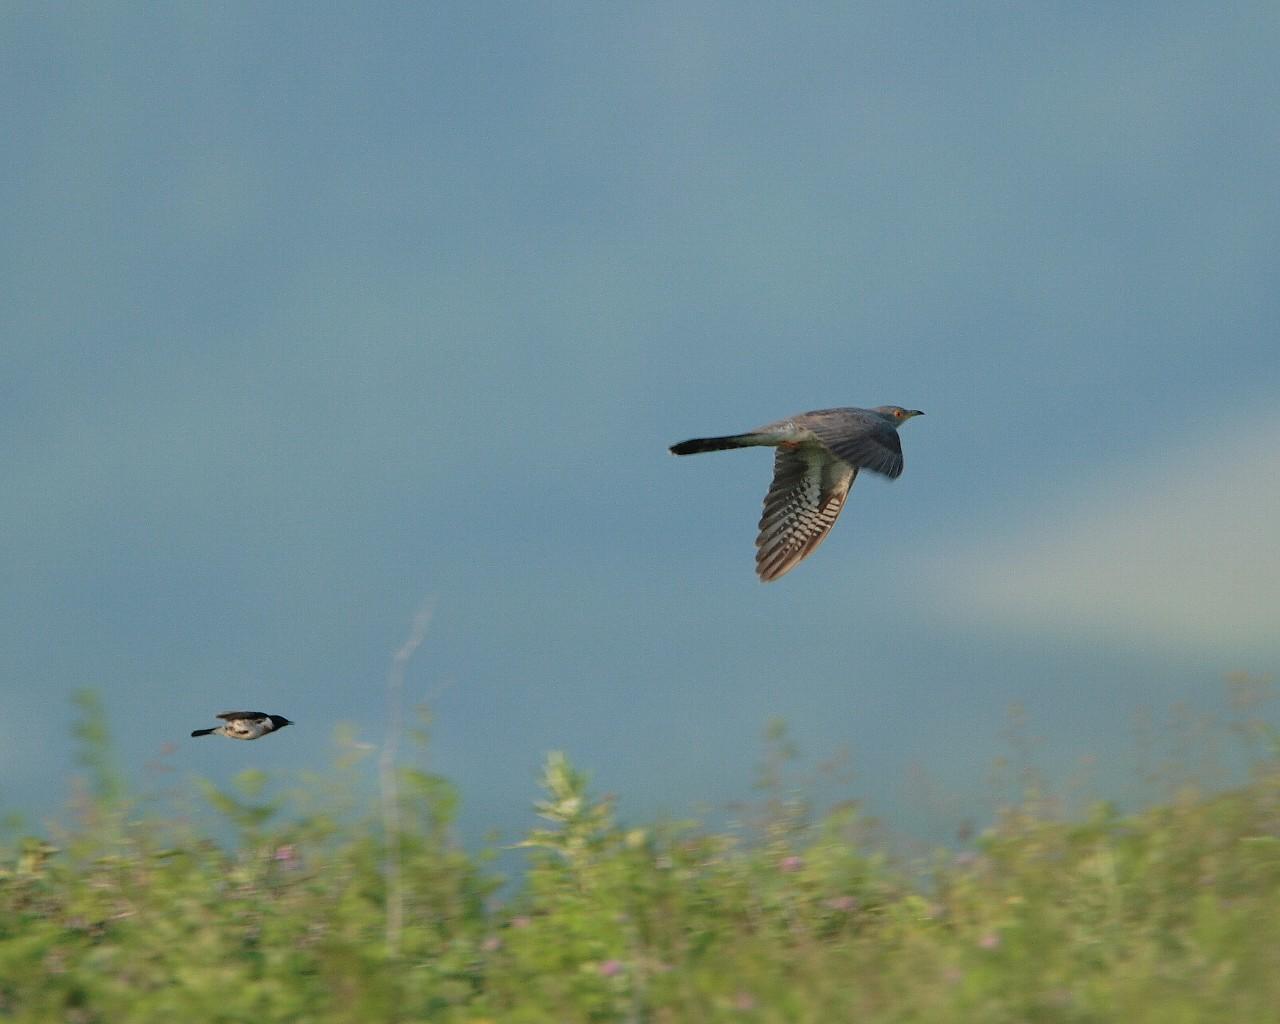 原生花園の野鳥達その6 ノビタキに追われるカッコウ_f0105570_1812136.jpg